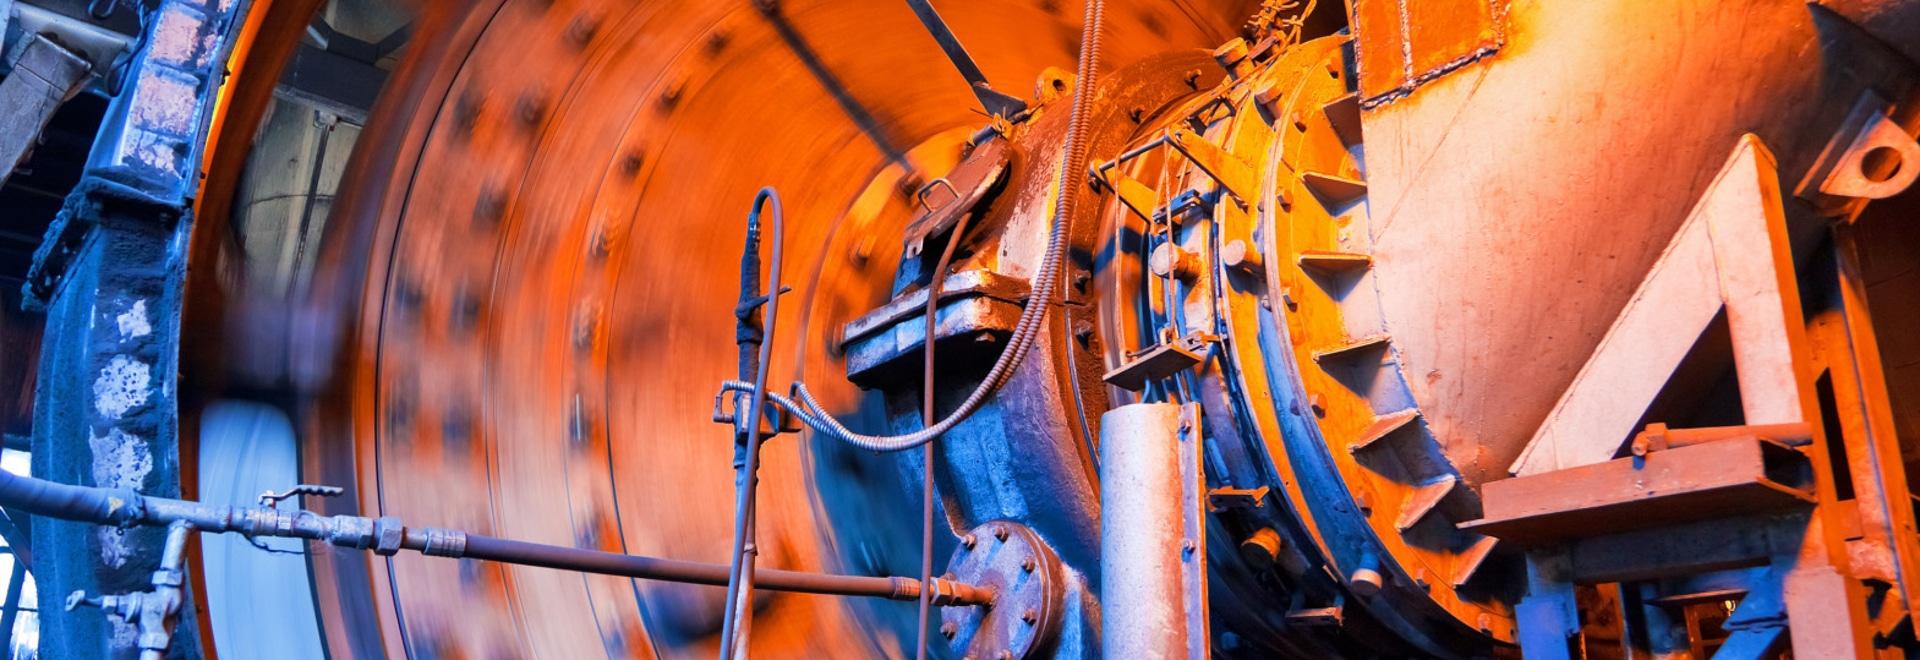 Magnetisches Strömungsmesser-Anwendung in der Metallurgie